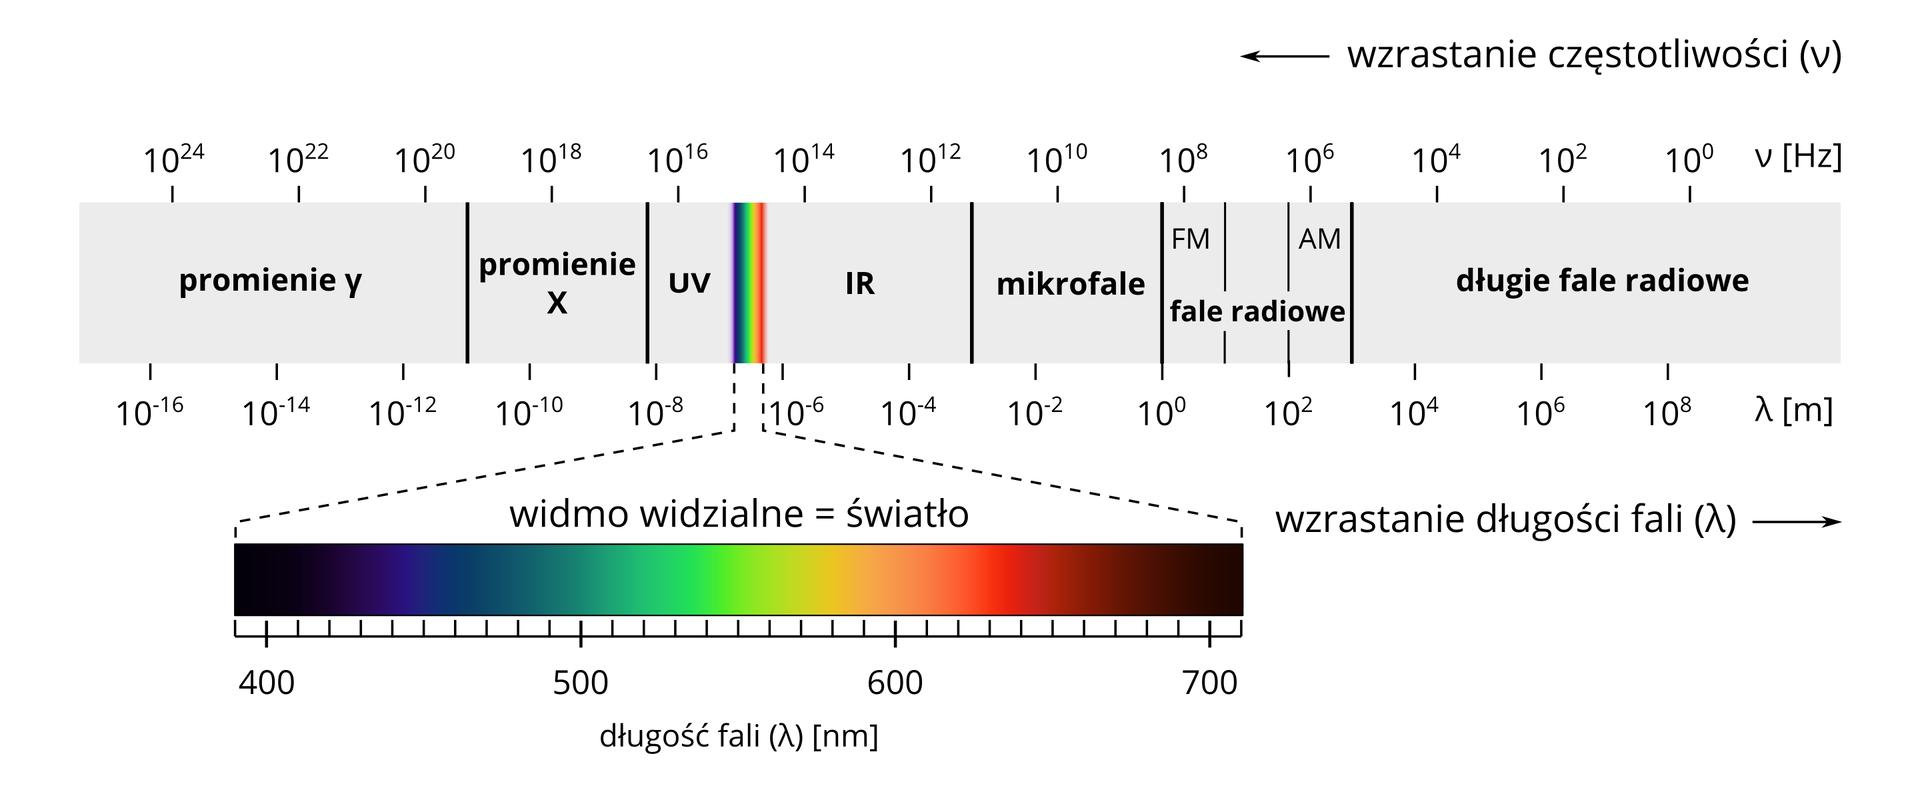 """Ilustracja przedstawia widmo światła widzialnego. Poziomo ułożony pas to widmo …Prostokąt podzielony jest podziałką liczbową. Wzdłuż górnej krawędzi liczby związane zczęstotliwością wHertzach. Początek skali po prawej stronie to dziesięć do zera. Skala zmienia odpowiednio wartości idąc wlewo. Strzałka wskazuje kierunek wlewo. Napis obok: wzrastanie częstotliwości. Następna liczba to dziesięć do drugiej, dziesięć do czwartej. Na końcu skali częstotliwość wynosi dziesięć do dwudziestej czwartej. Dolna krawędź prostokąta to skala wzrastania długości fali. Skala wyrażona wpromieniach gamma. Strzałka poniżej skierowana wprawo. Napis obok: wzrastanie długości. Na początku skali, po prawej, wartość to dziesięć do ósmej. Skala maleje przesuwając się wlewo. Następna liczba to dziesięć do szóstej. Wpołowie skali rozpoczynają się wartości ujemne. Powierzchnia prostokąta podzielono odpowiednio na różne rodzaje fal. Długie fale radiowe na prawej stronie fali. Kończą się za częstotliwością dziesięć do czwartej. Fale radiowe AM iFM kończą się zaraz za częstotliwością dziesięć do ósmej. Mikrofale sięgają do dziesięć do jedenastej. Fale IR występują do częstotliwości dziesięć do piętnastej. Po tej wartości kolorowe pionowe pasy tworzą widmo widzialne światła. Długość fali widma to poziomy długi prostokąt. Powierzchnia widma pokryta jest tęczowymi barwami. Lewy koniec widma to kolor czarny. Długość fali czterysta Nano.. Na prawo czarny płynnie przechodzi wgranatowy, turkusowy izielony. Długość fali pięćset. Następne kolory to biały, żółty ipomarańczowy. Długość fali to sześćset. Prawy koniec widma to odpowiednio kolor czerwony, brązowy iczarny. Na prawym końcu długość fali to siedemset. Za widmem światła znajdują się promienie uv. Za częstotliwością dziesięć do siedemnastej występują promienie """"iks"""". Na końcu występują promienie """"gamma""""."""